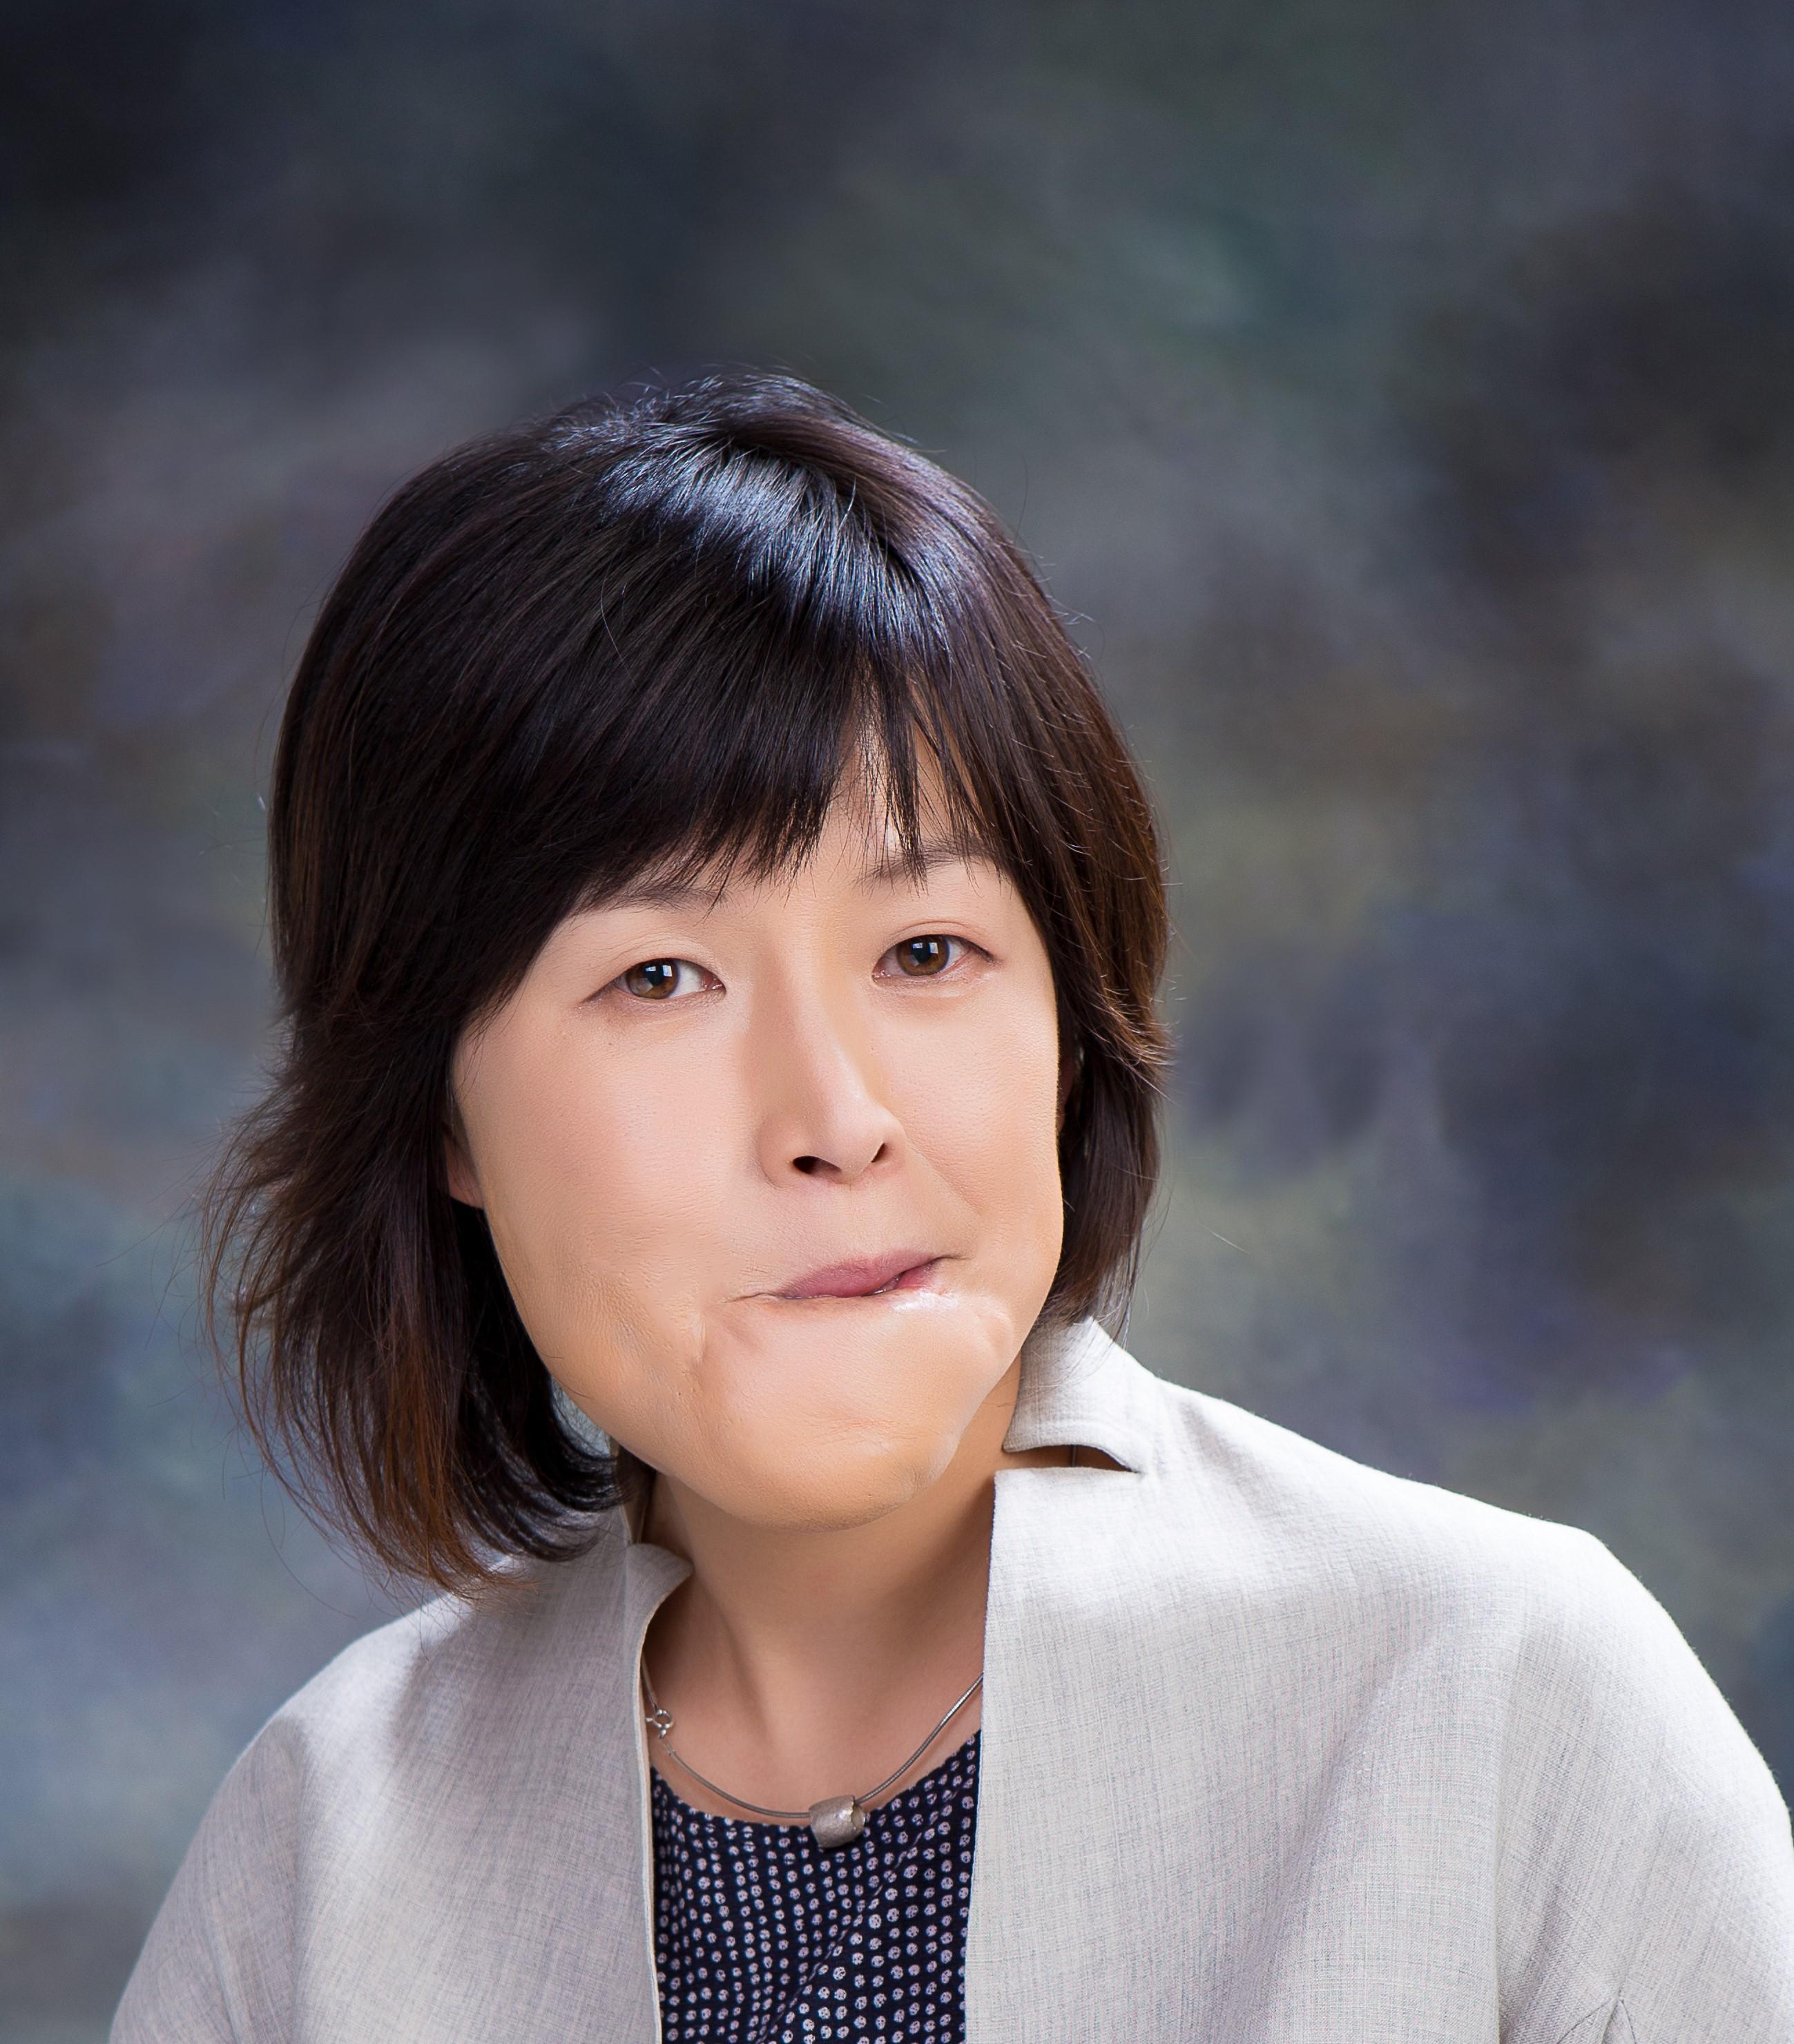 김혜정 프로필 사진